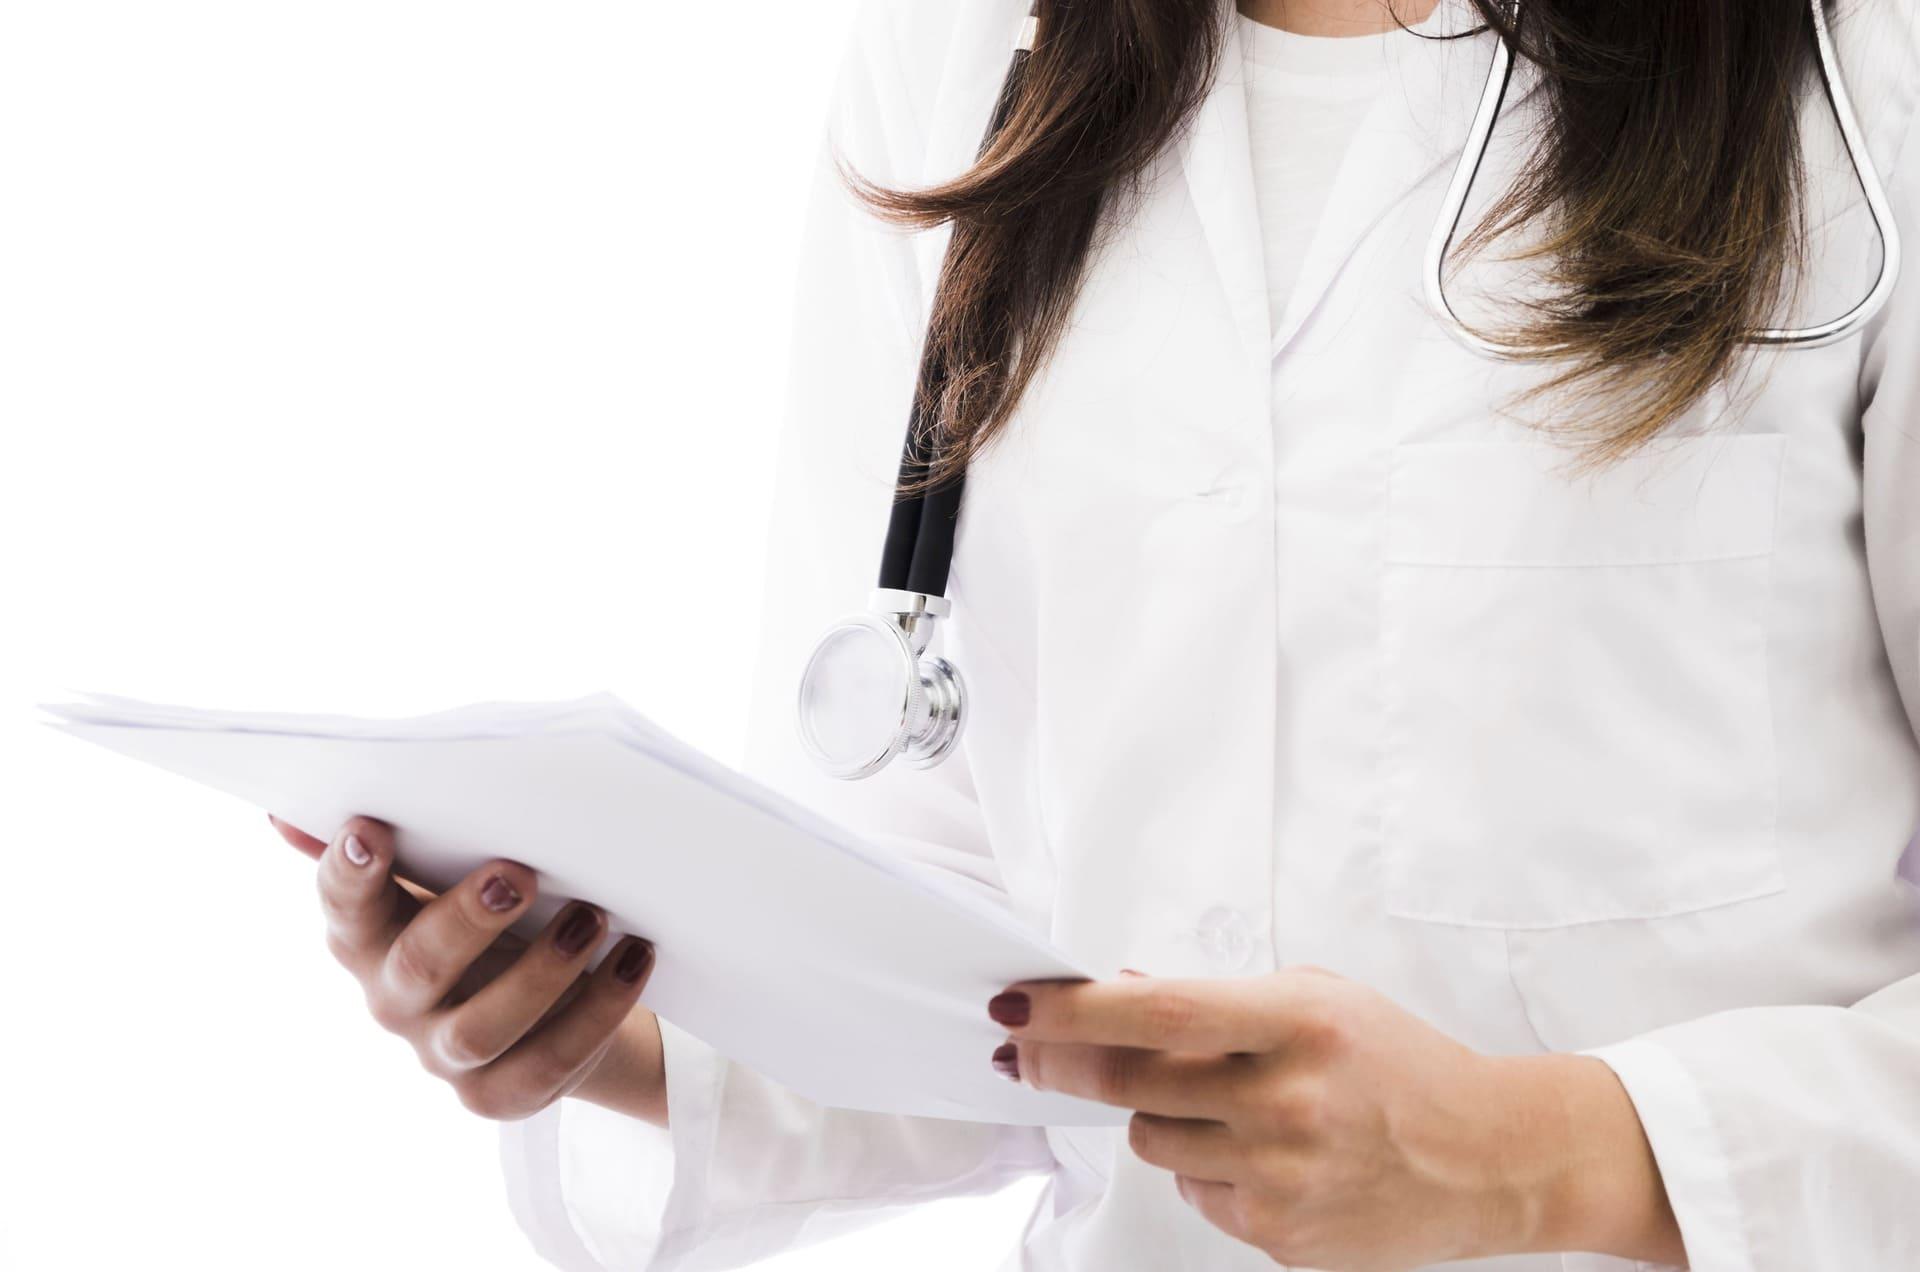 Relatório médico deve contextualizar caso